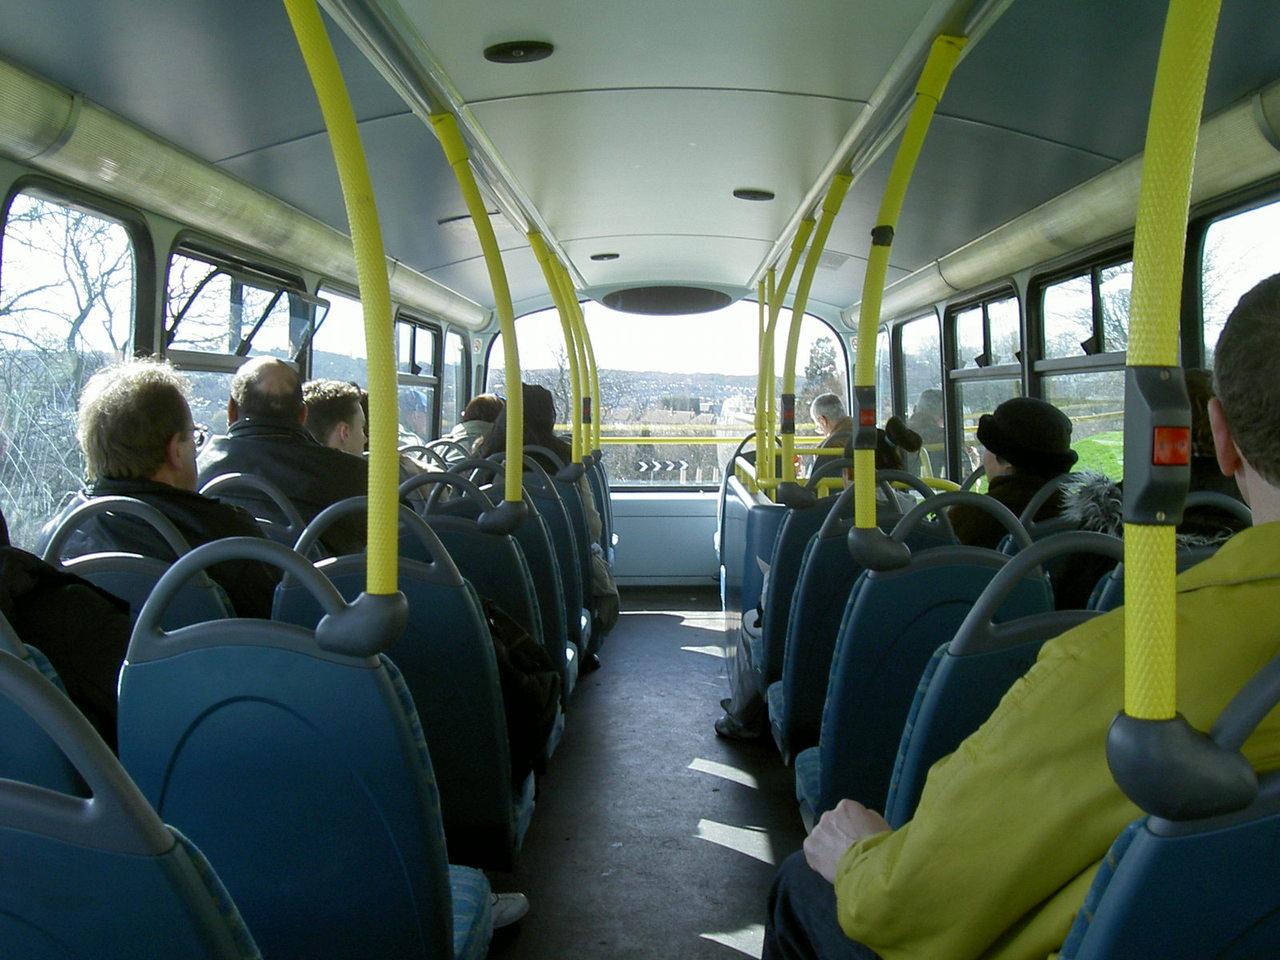 Wycieczki autokarowe wczoraj i dziś